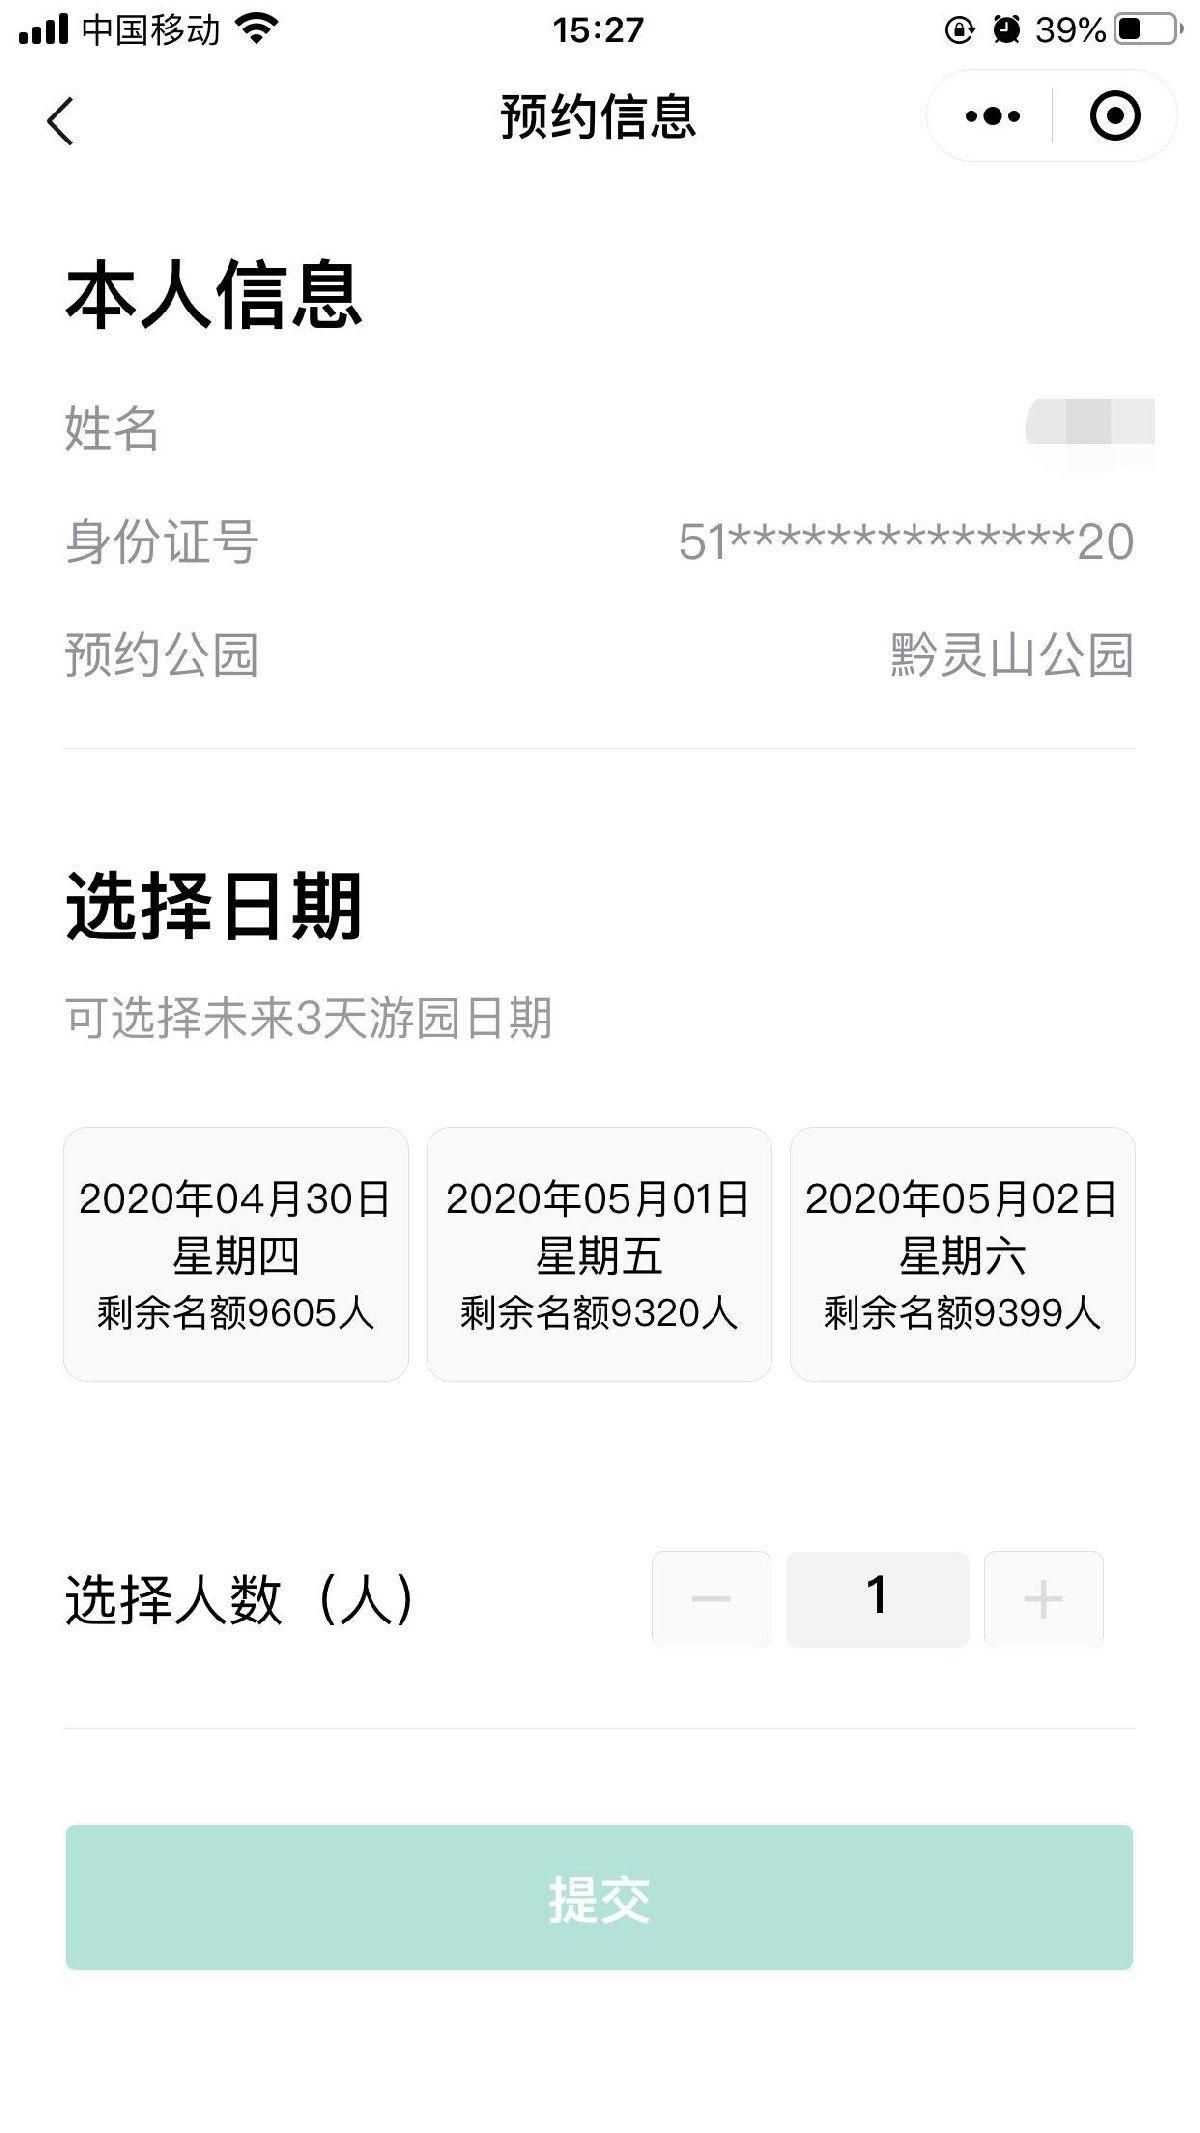 2020贵阳公园预约流程指南(附入口)